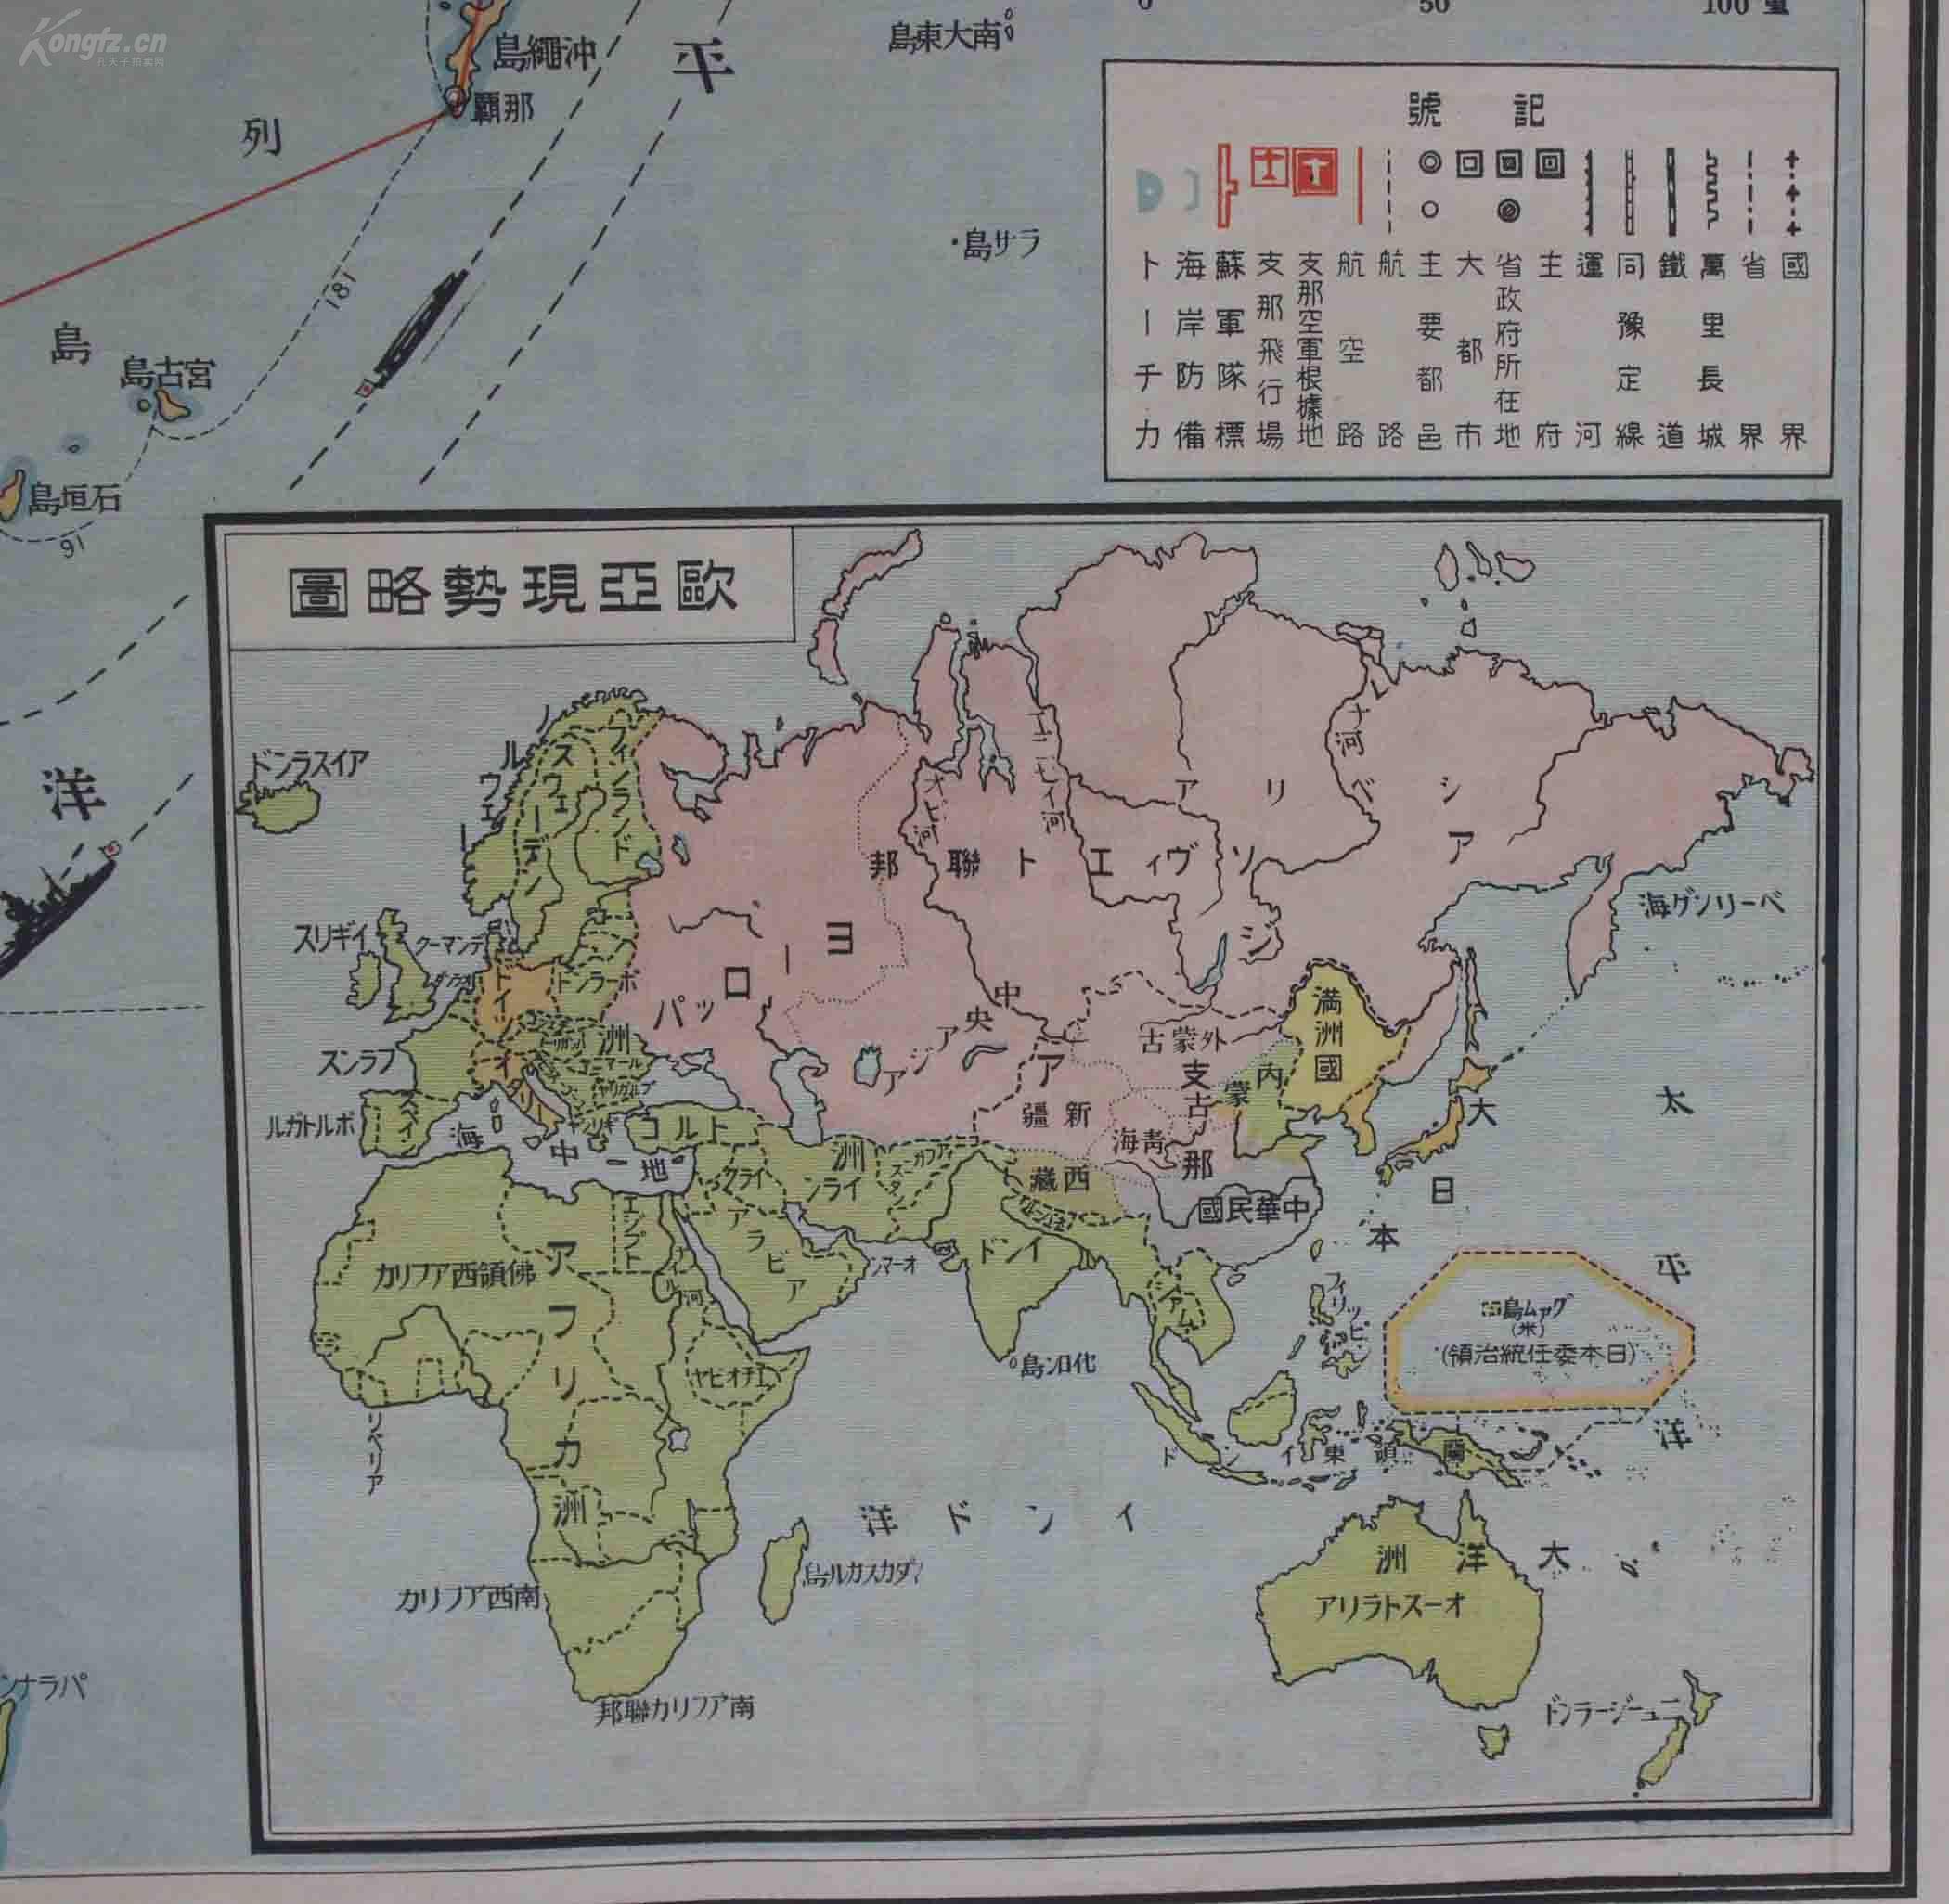 侵华史料 民国地图:东亚军备现势明细图(1937年)附支那事变要览,标注